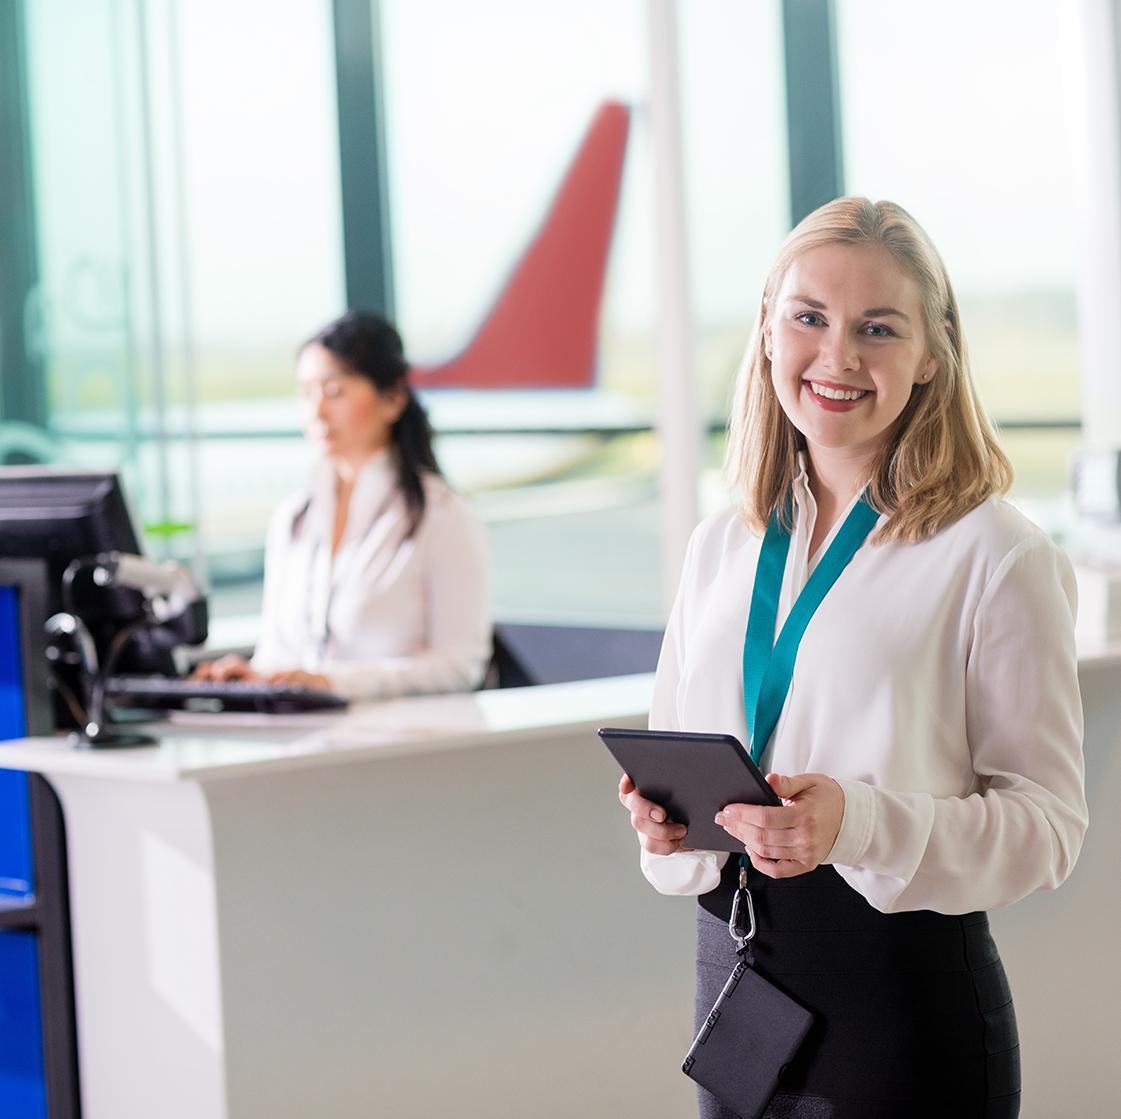 Curso-de-Atencion-a-Pasajeros-en-Aeropuertos-cursos-v3